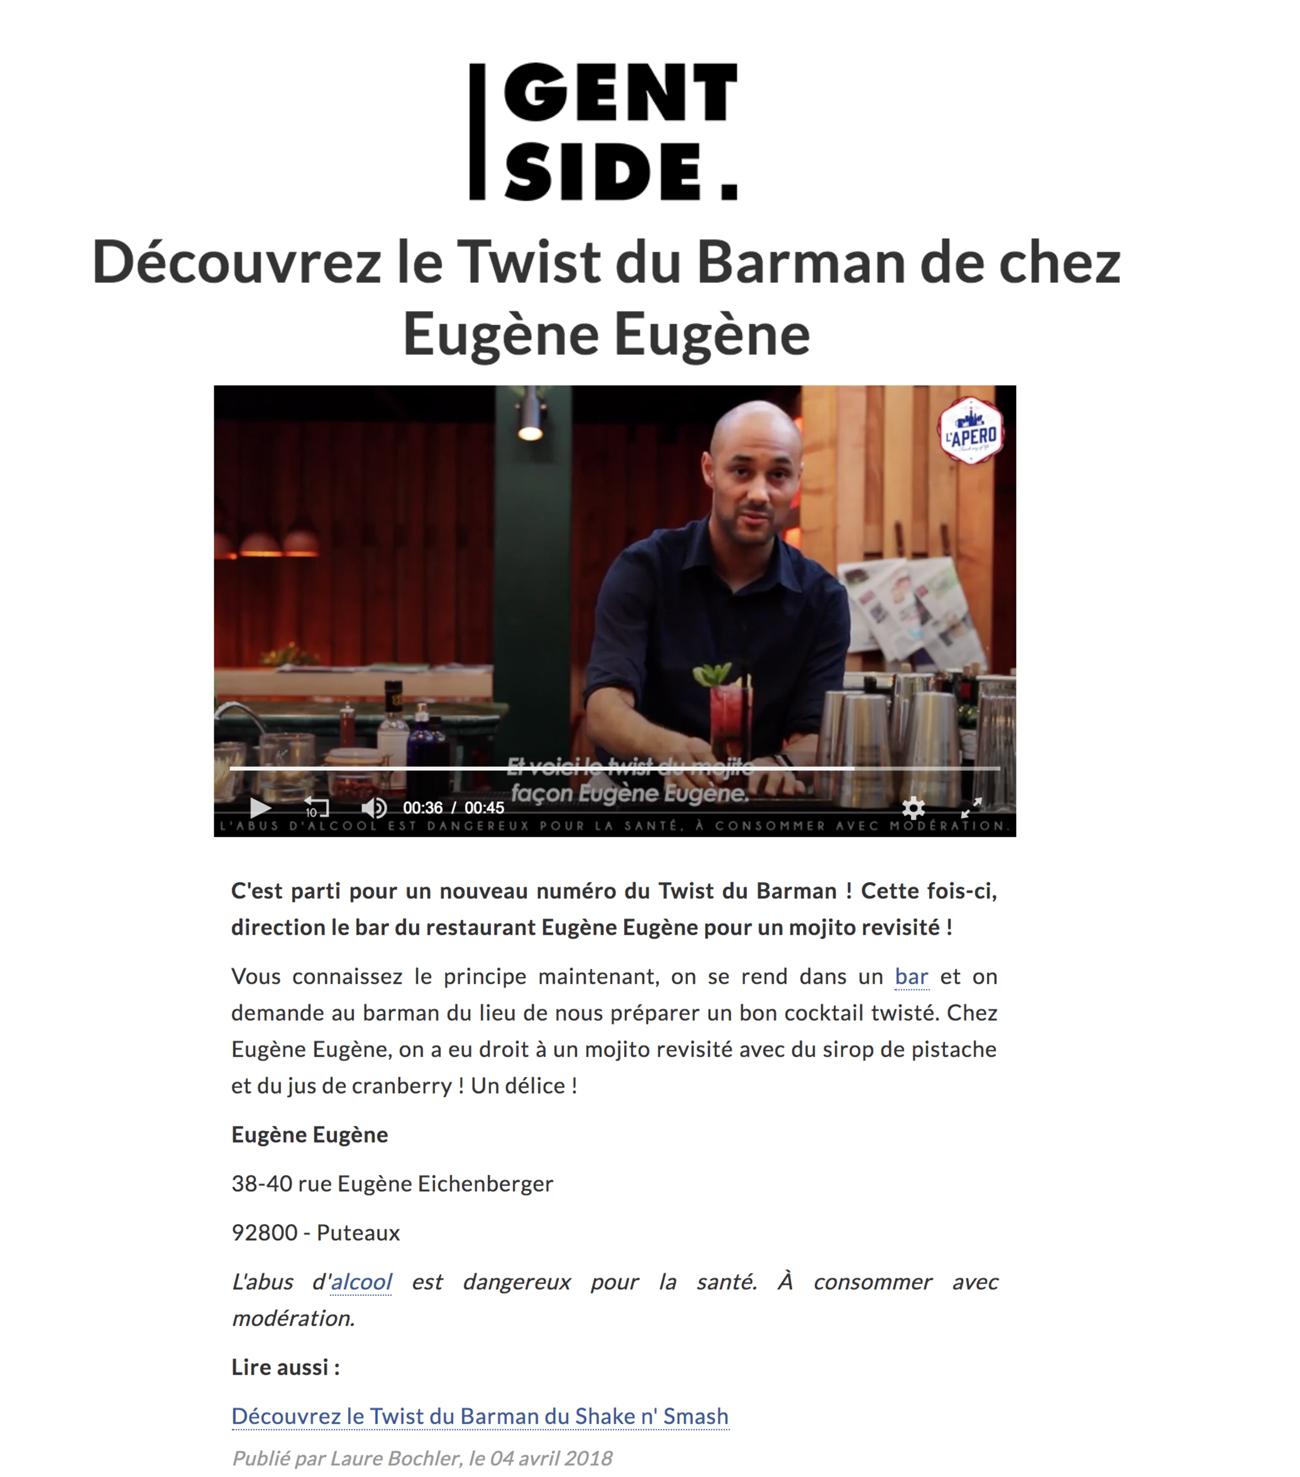 Découvrez le Twist du Barman de chez Eugène Eugène